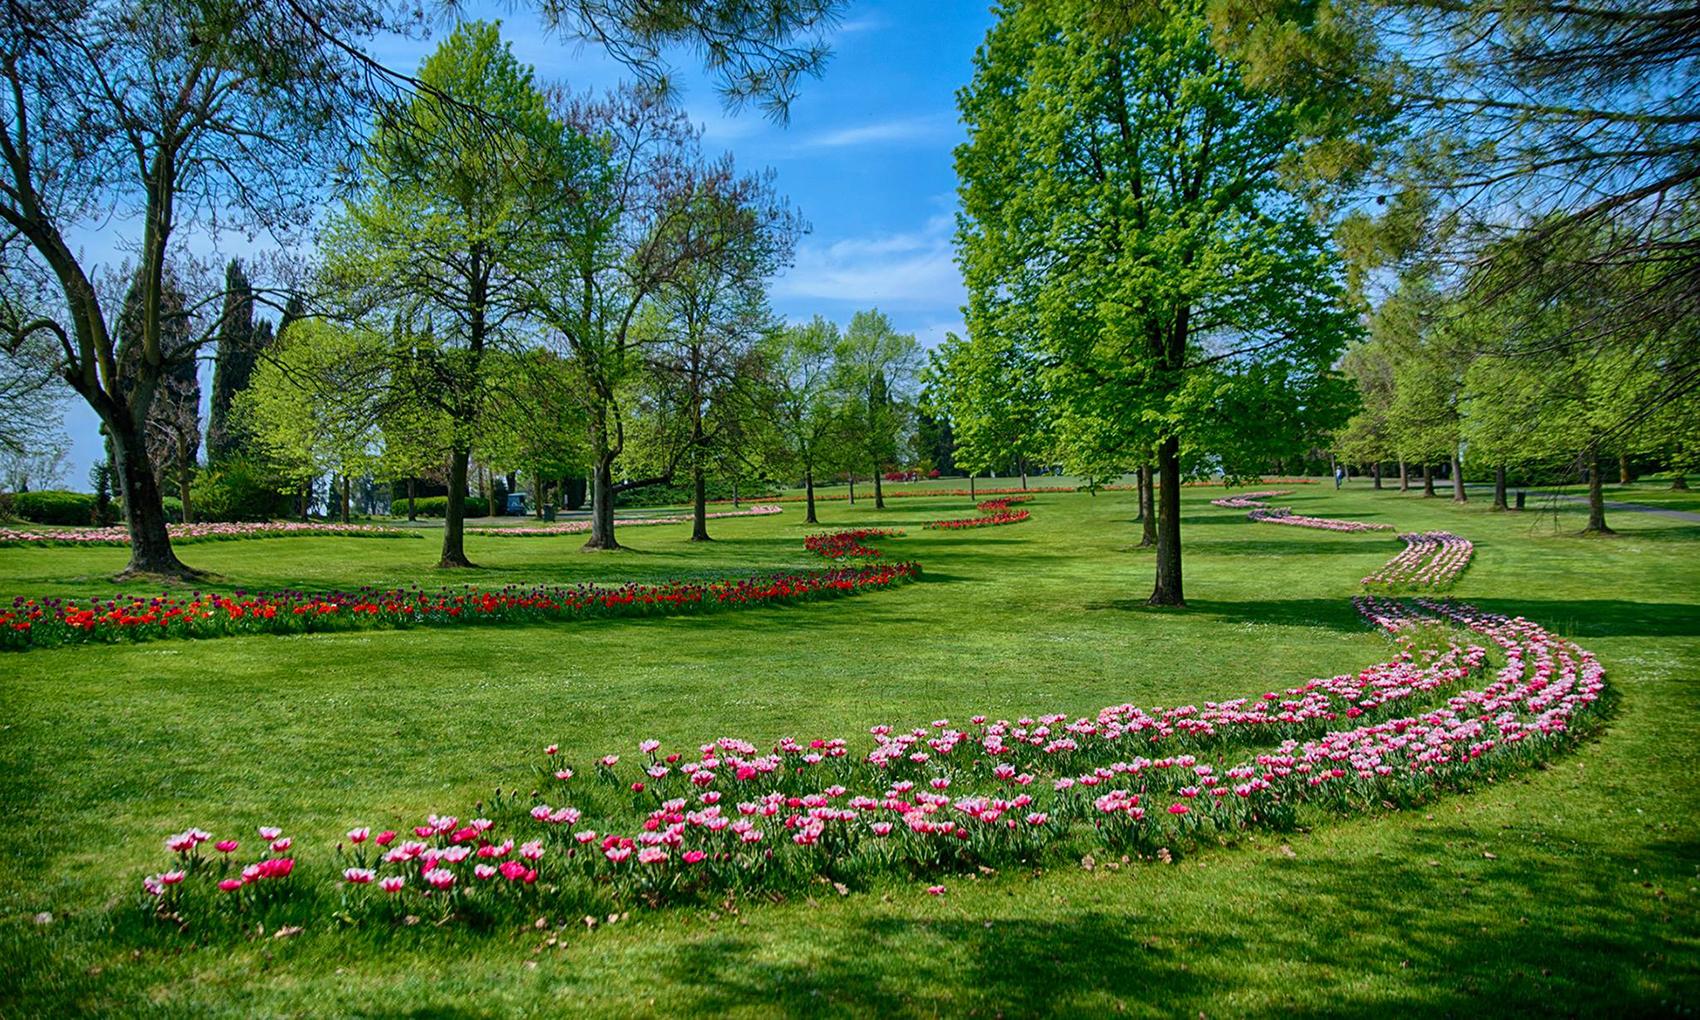 Appennino bolognese rocchetta mattei a grizzana morandi - Parco giardino sigurta valeggio sul mincio vr ...